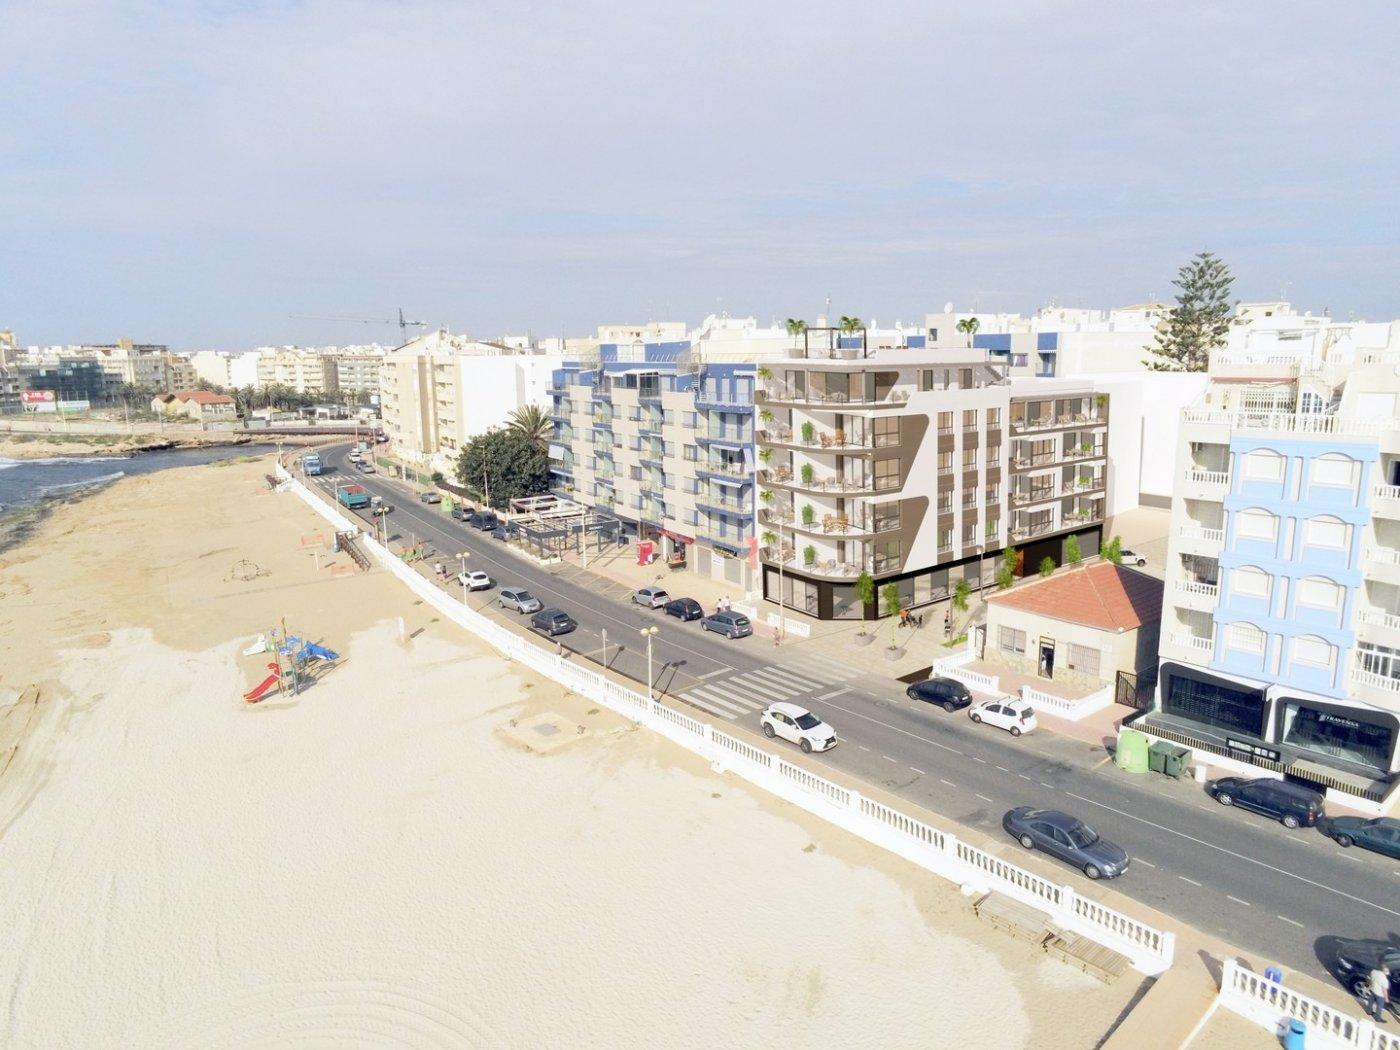 16 viviendas en primera línea de playa en torrevieja - imagenInmueble11